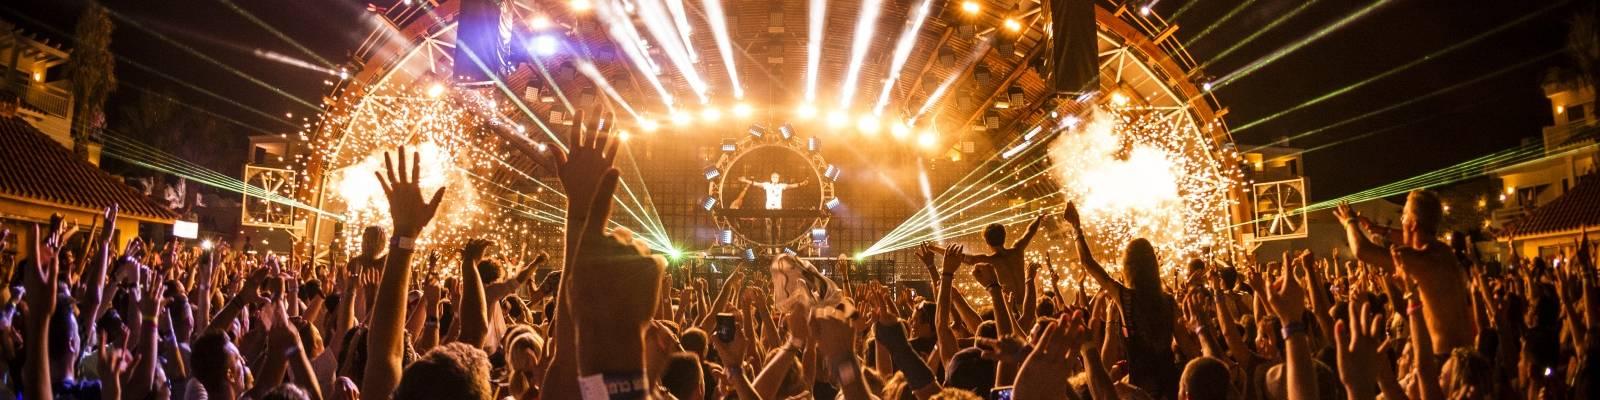 Episode 678 – Tune of the Week is Armin van Buuren